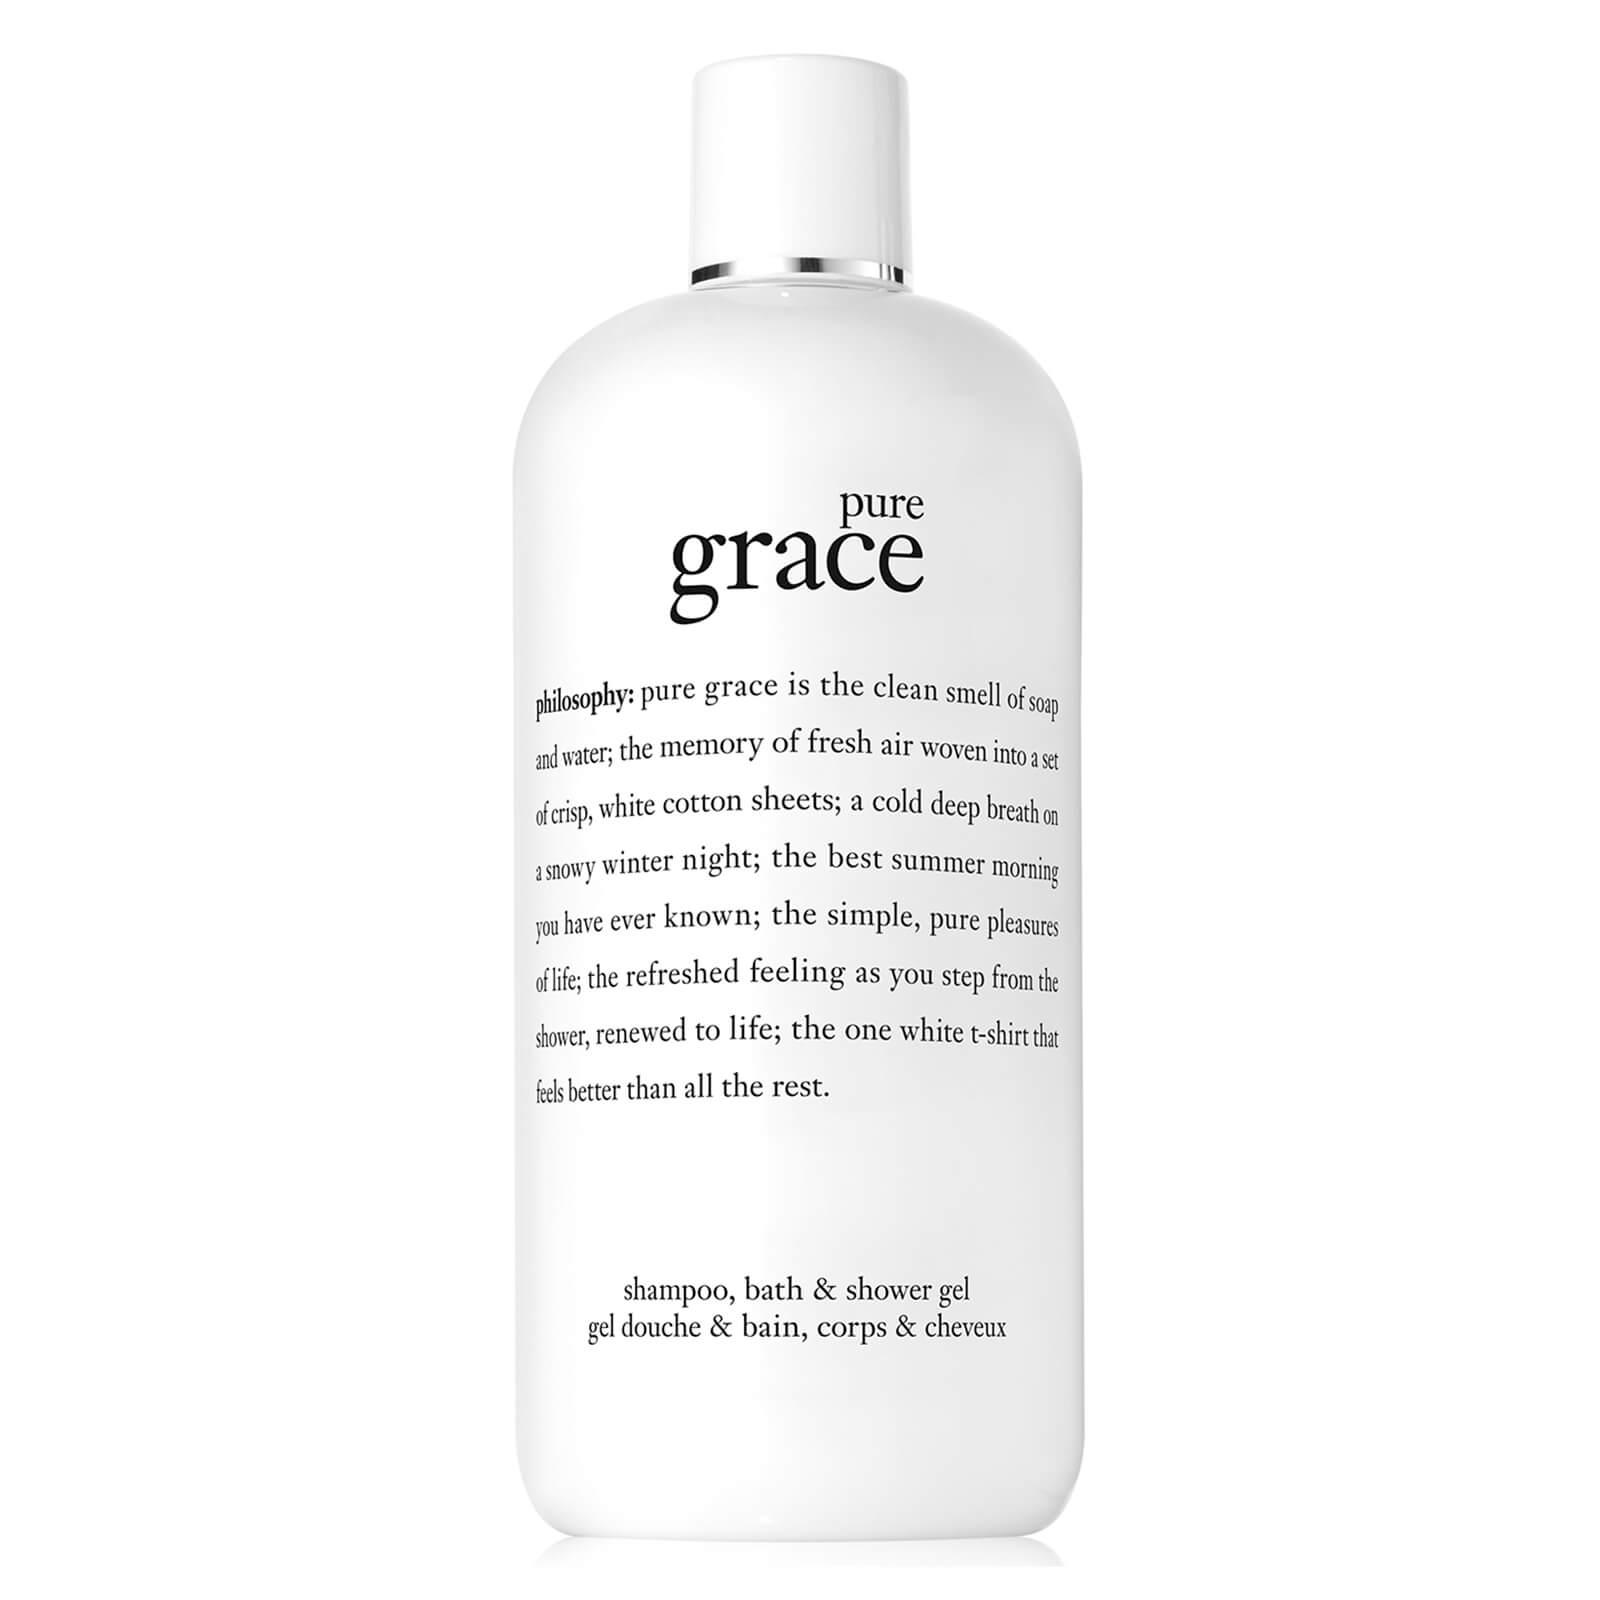 Купить Гель для душа philosophy Pure Grace Shower Gel 480 мл